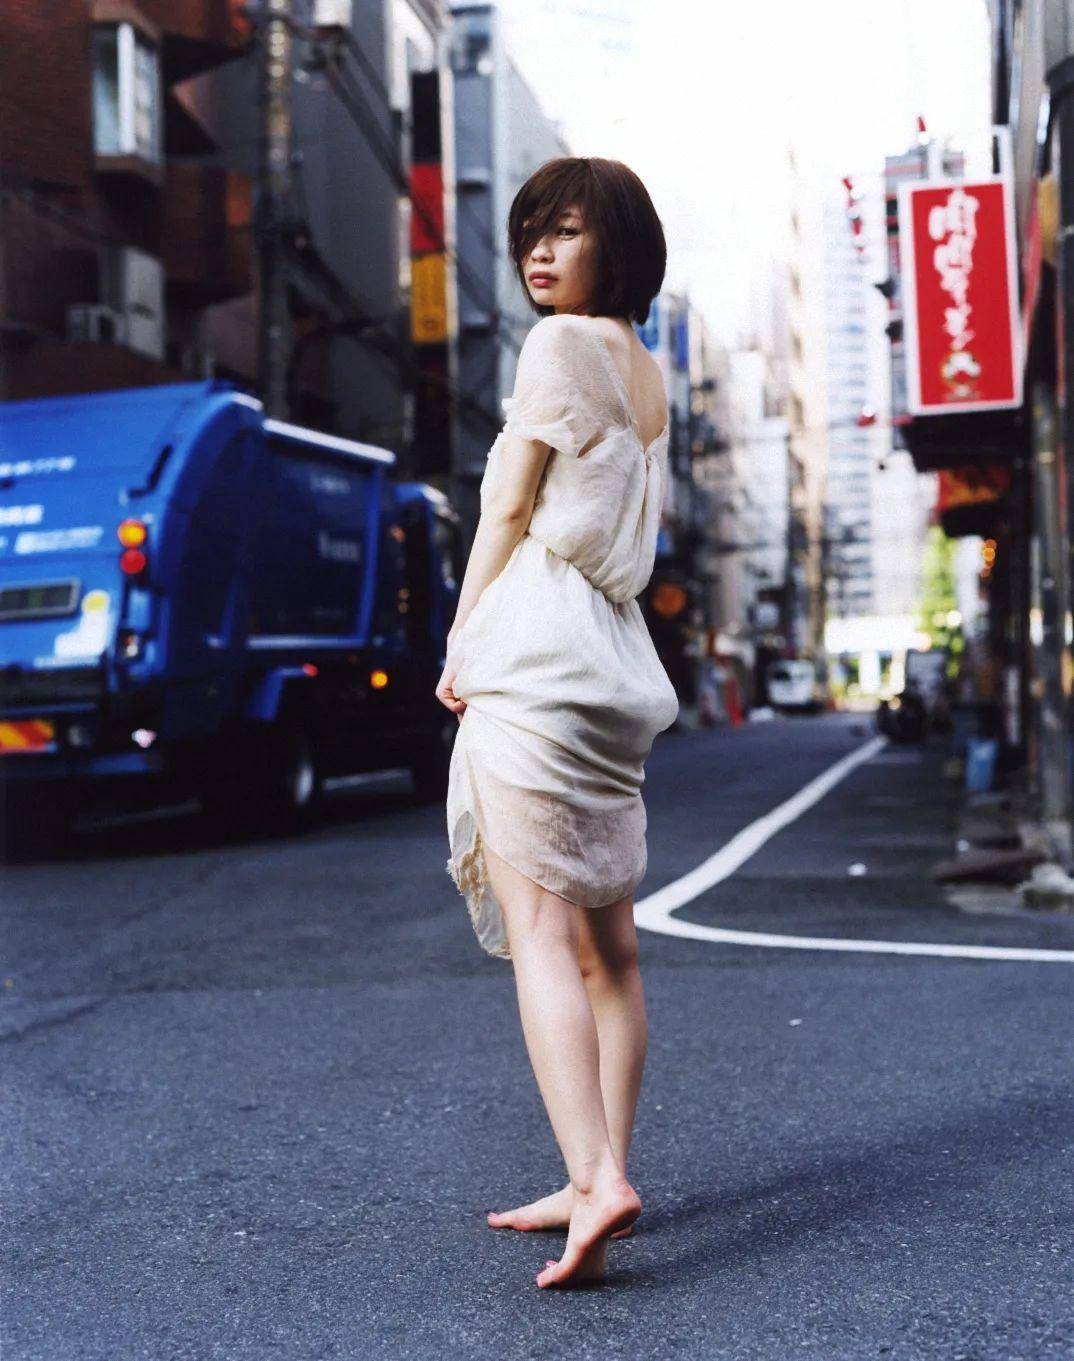 斋部香★,《面向开始的蓝》(2014),收入《不是理想的猫》一书。图片由艺术家提供